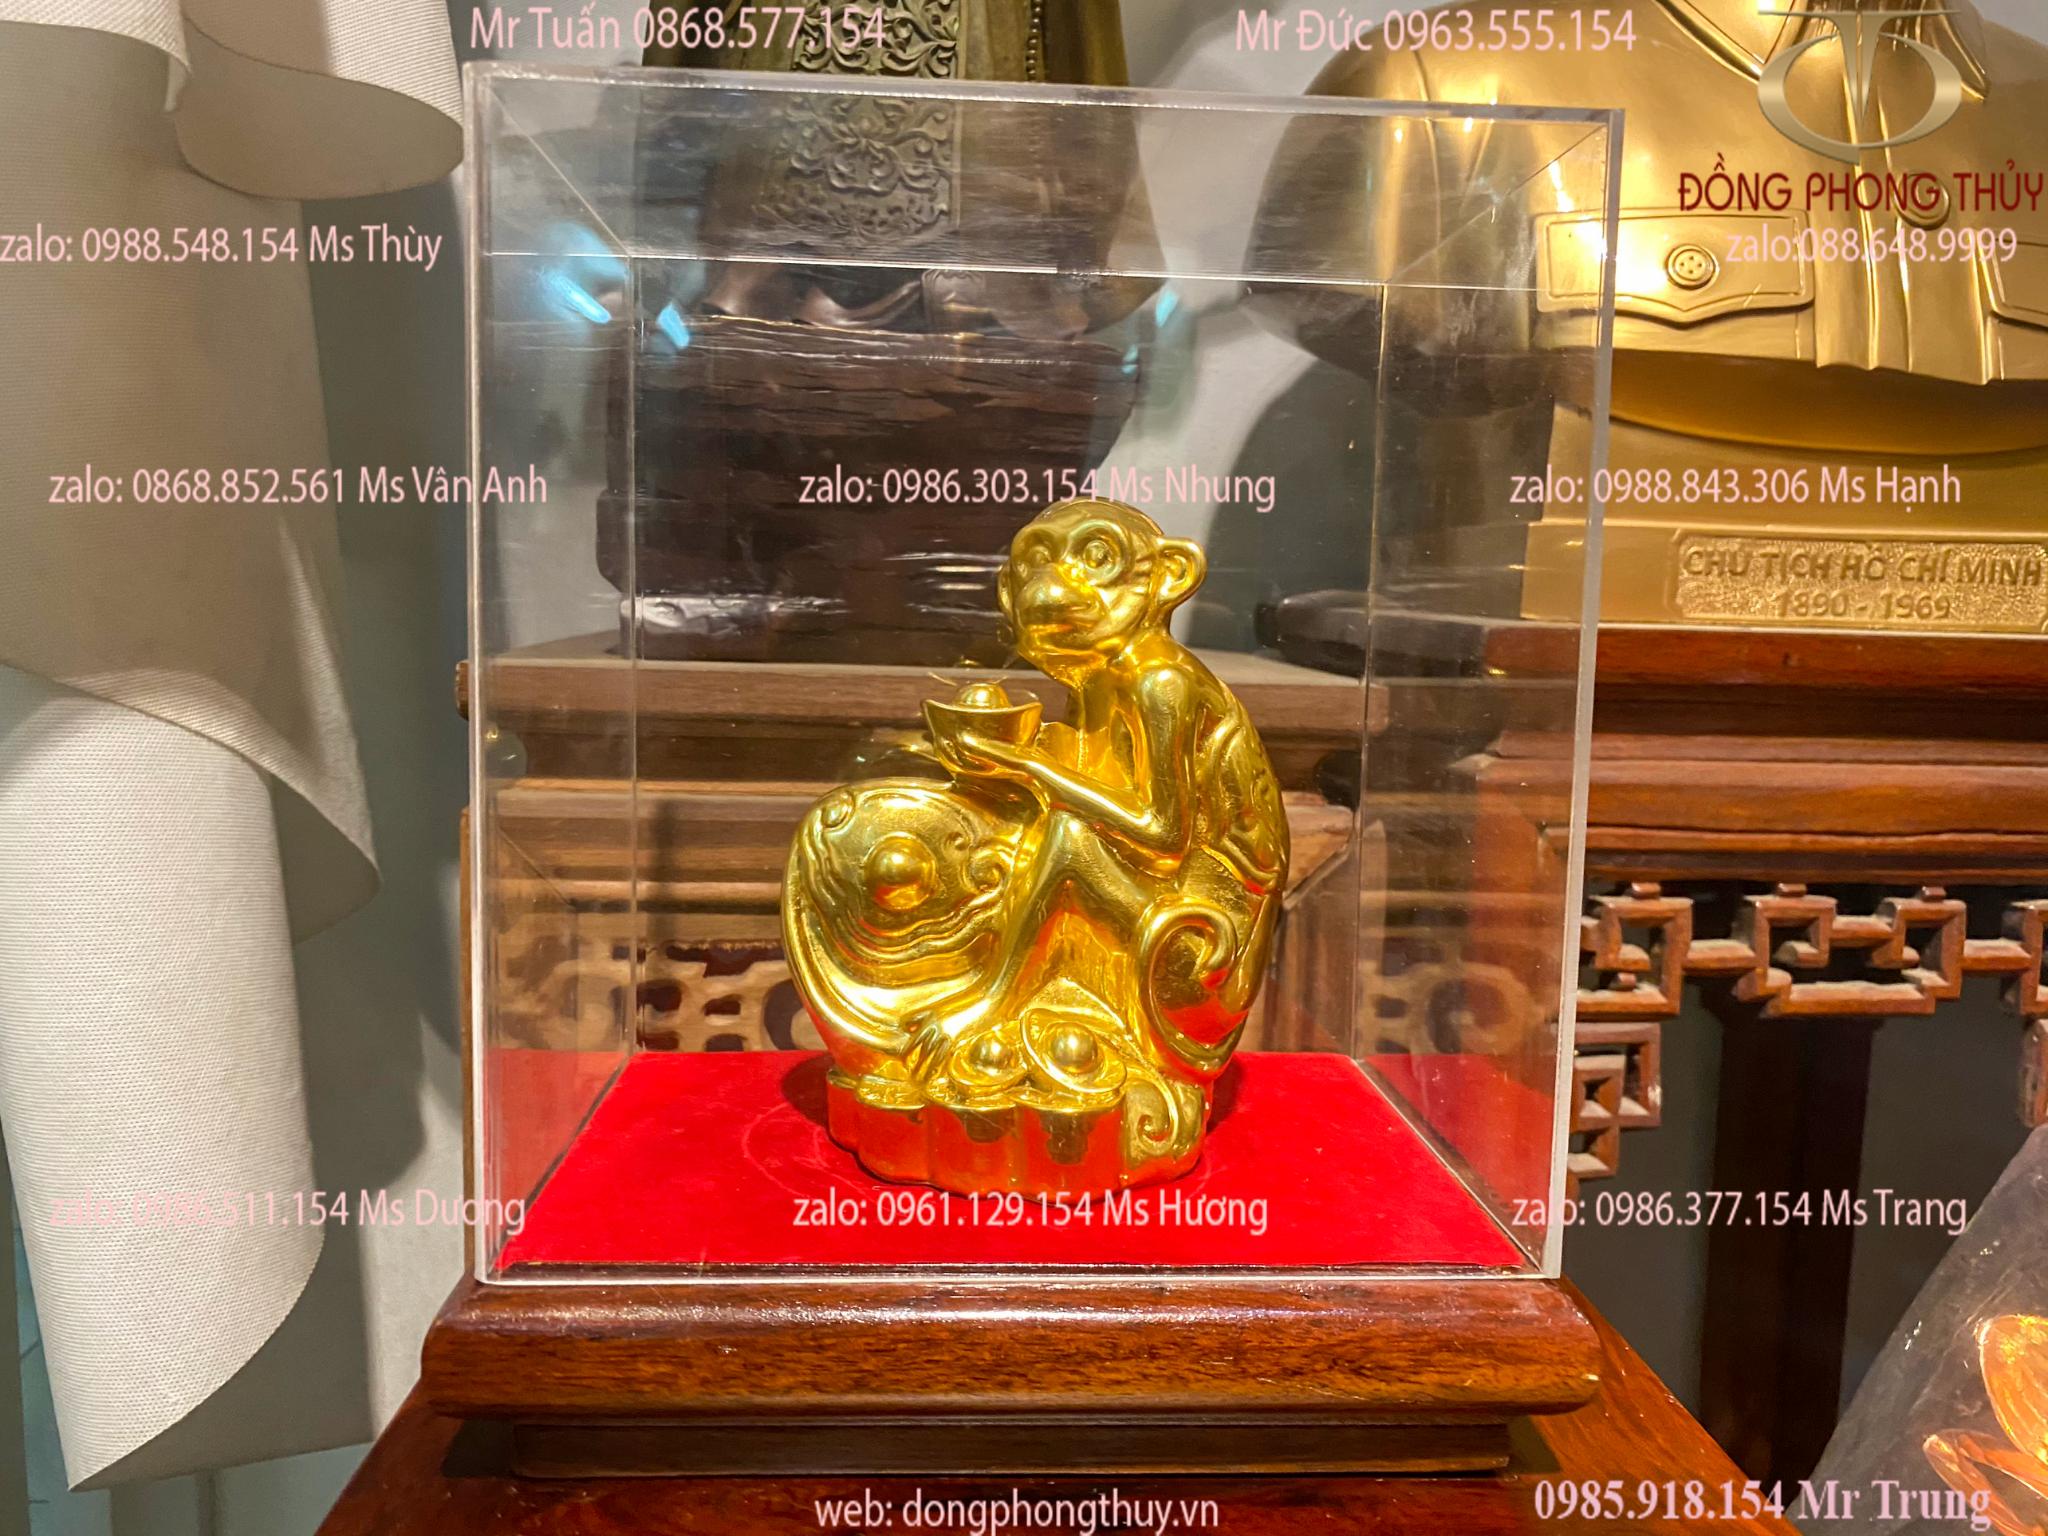 Quà tặng sếp tượng khỉ ôm đào phong thủy bằng đồng mạ vàng 24k